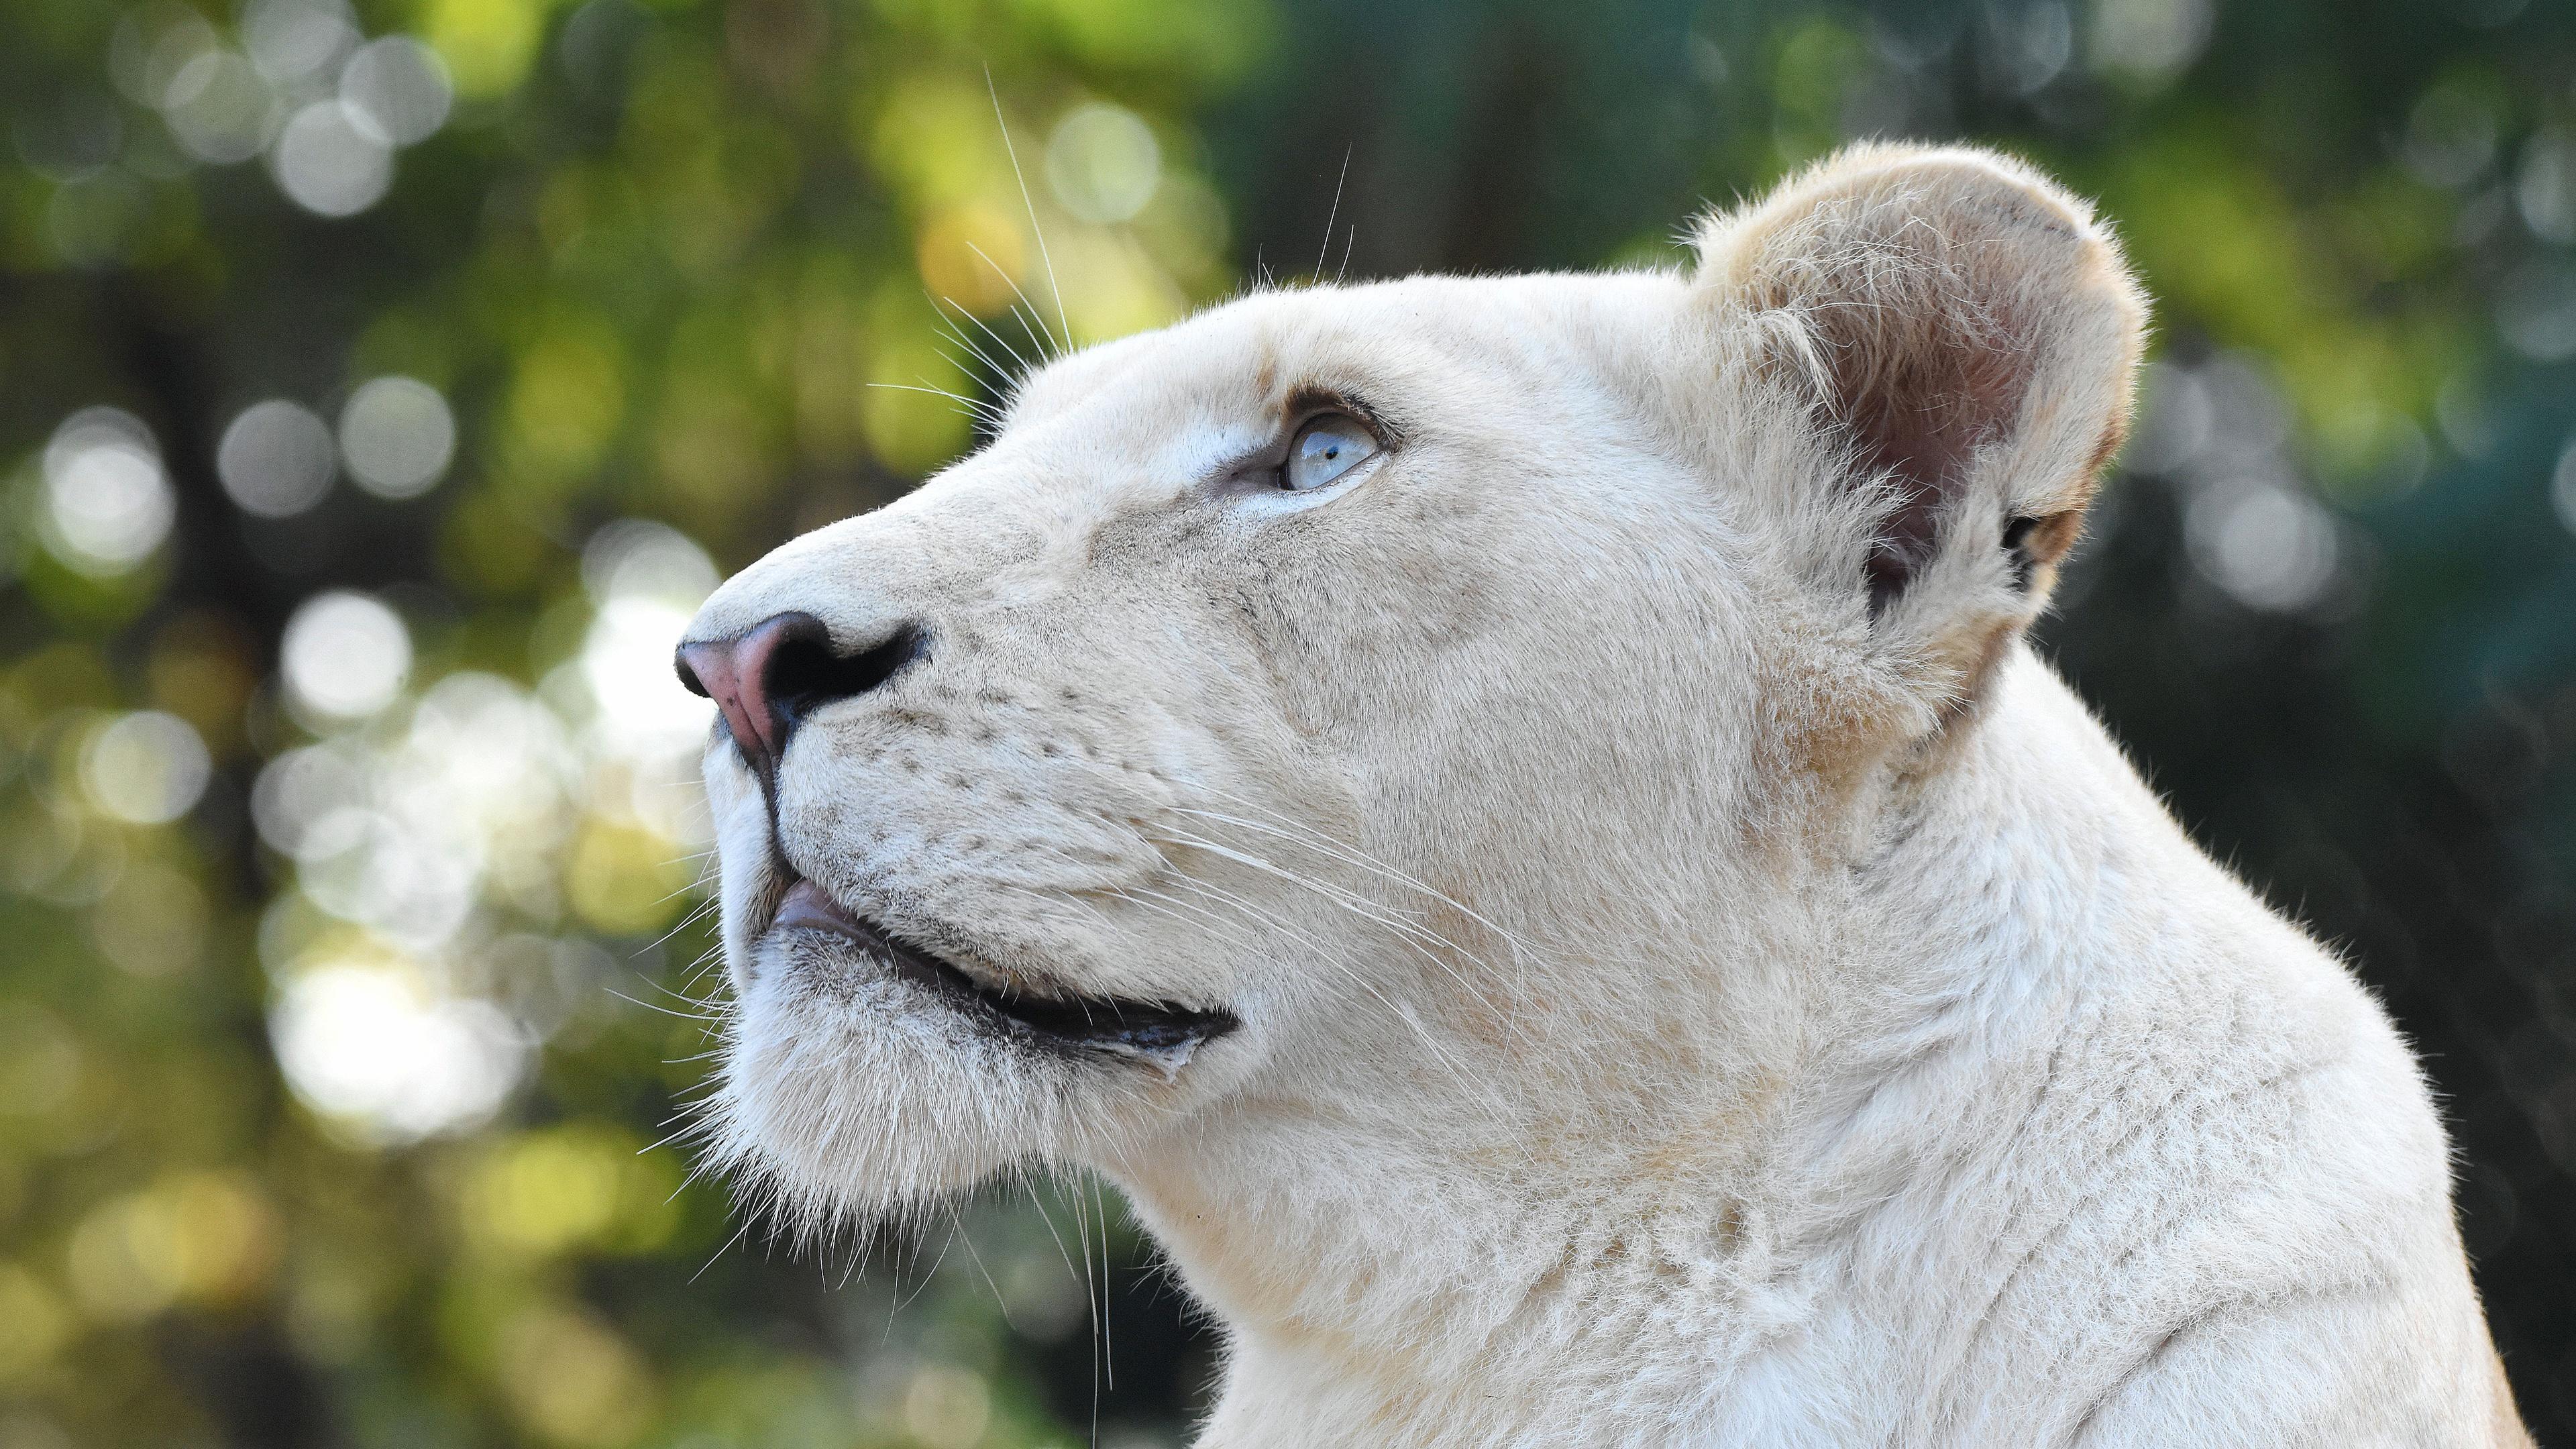 white lion head 4k 1603014870 - White Lion Head 4k - White Lion Head 4k wallpapers